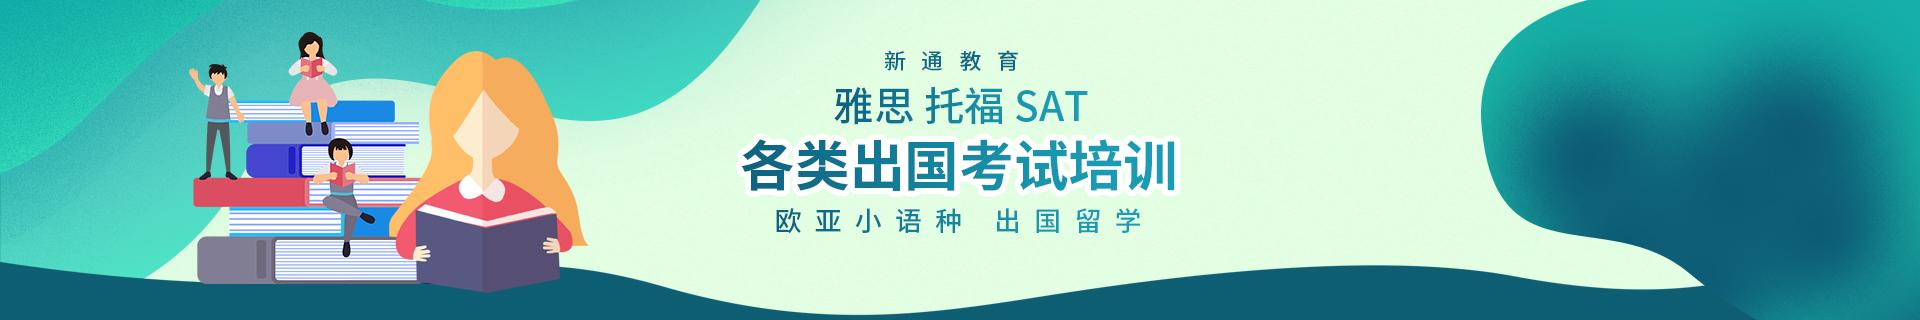 杭州下城新通教育培训机构